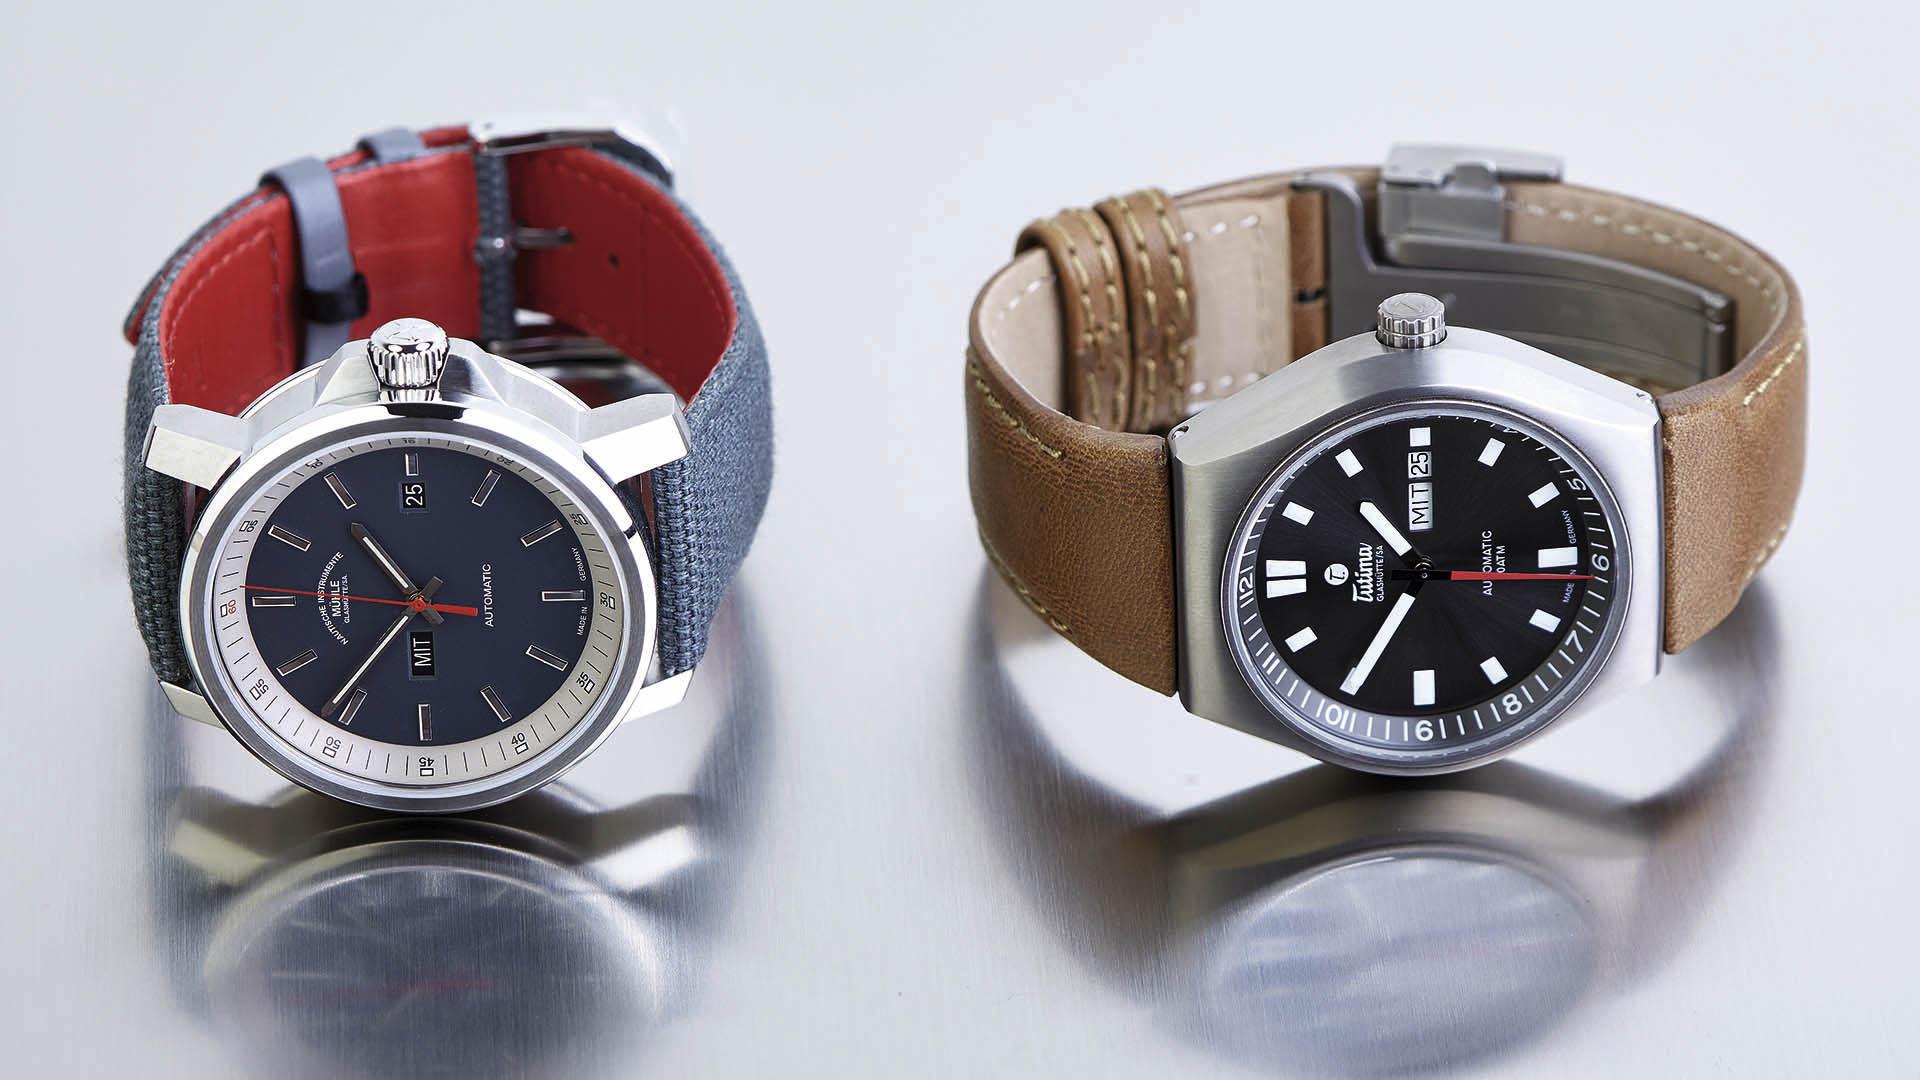 Armbanduhren im Vergleich Mühle-Glashütte und Tutima